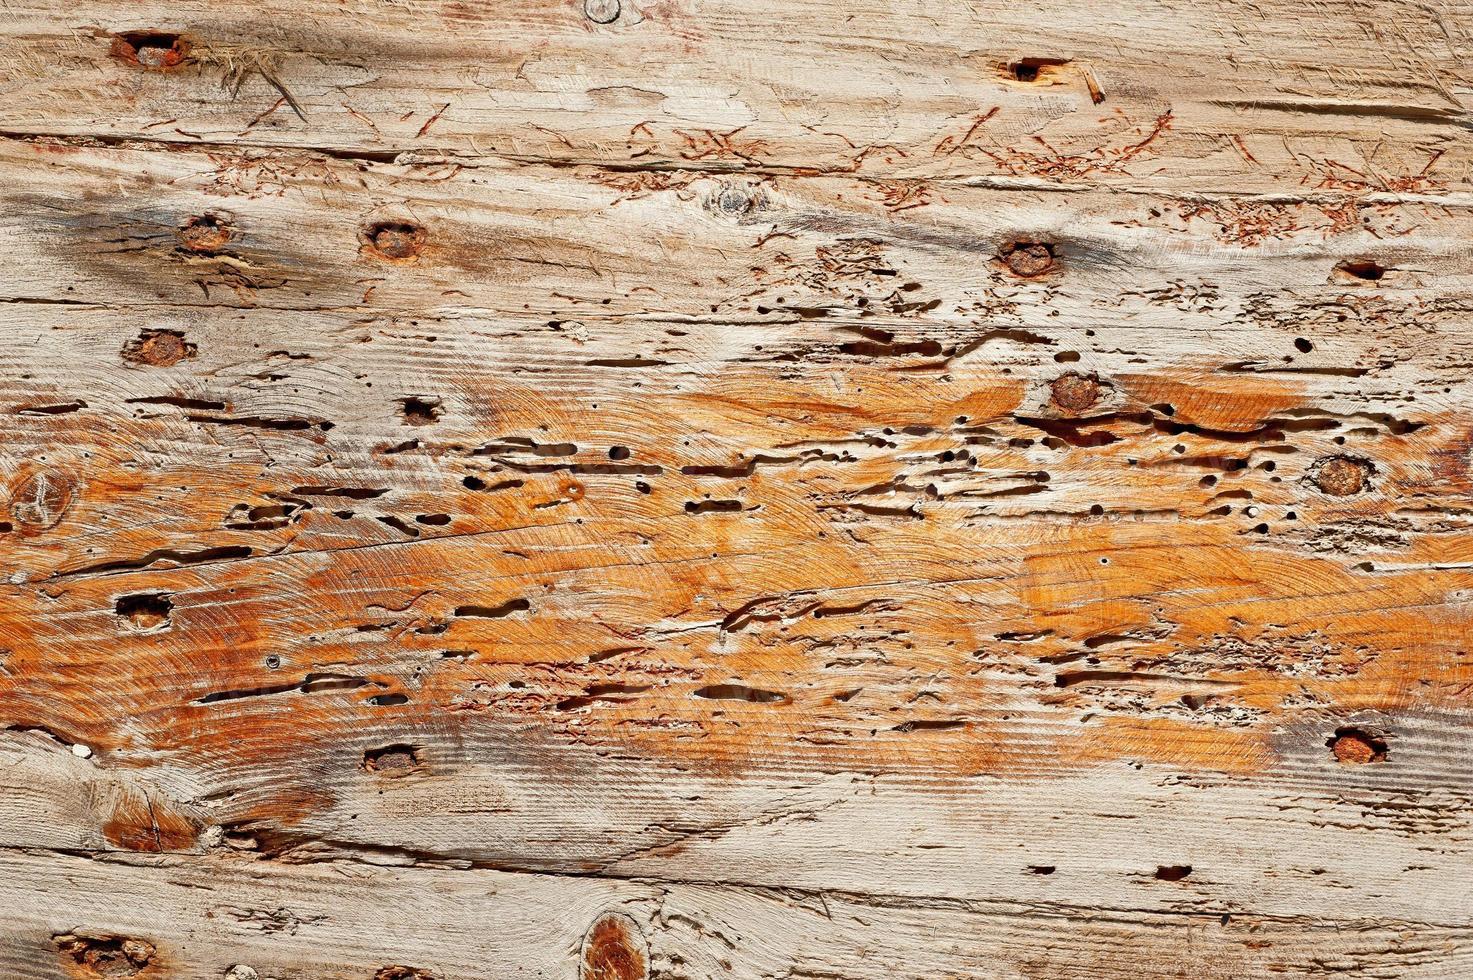 Anobium Thomsoni Schäden an Holz foto